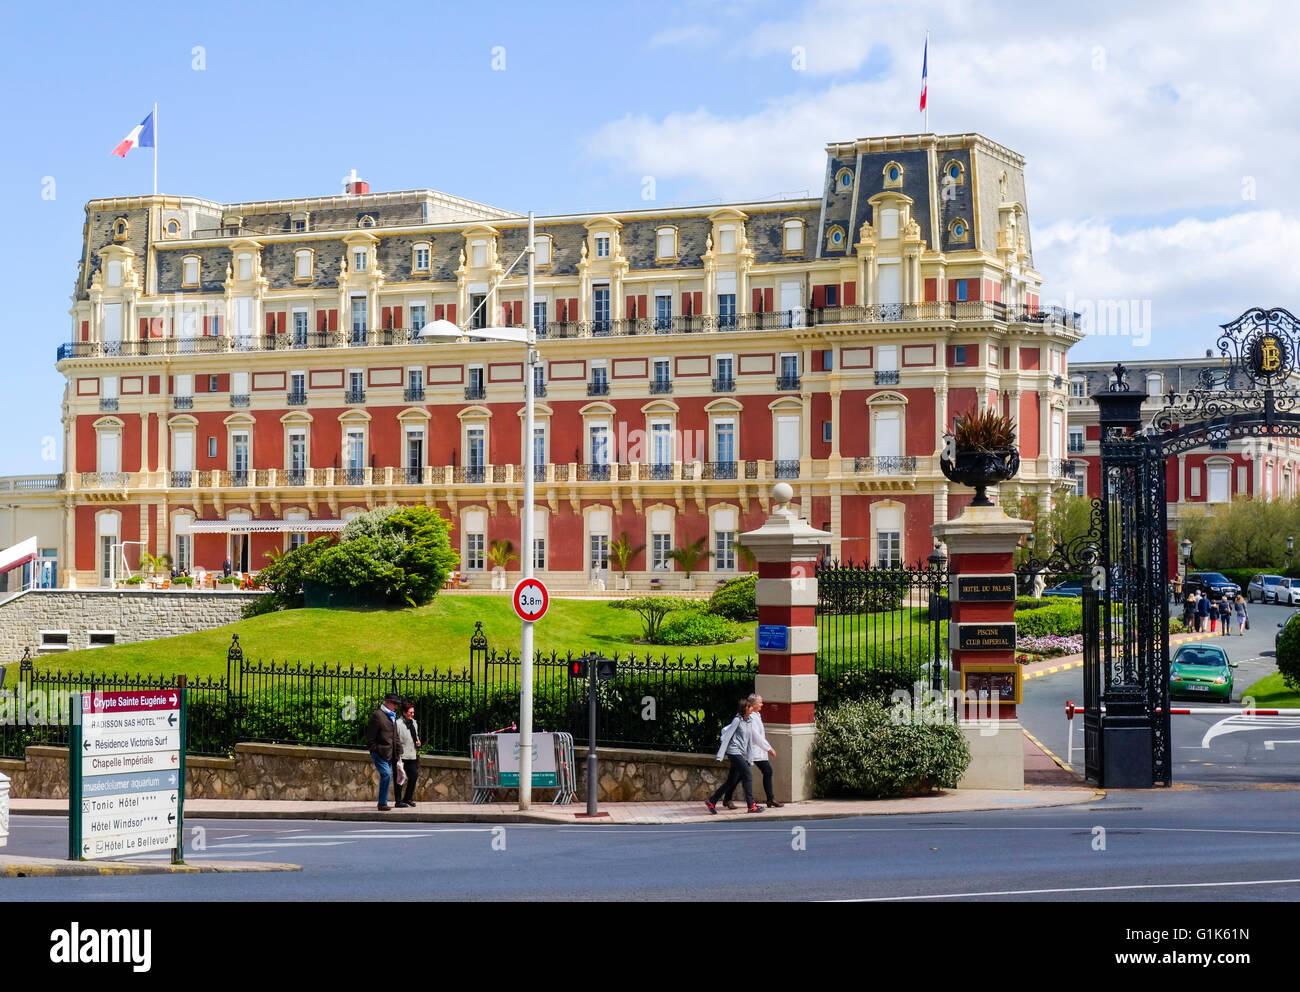 Hotel Munster France